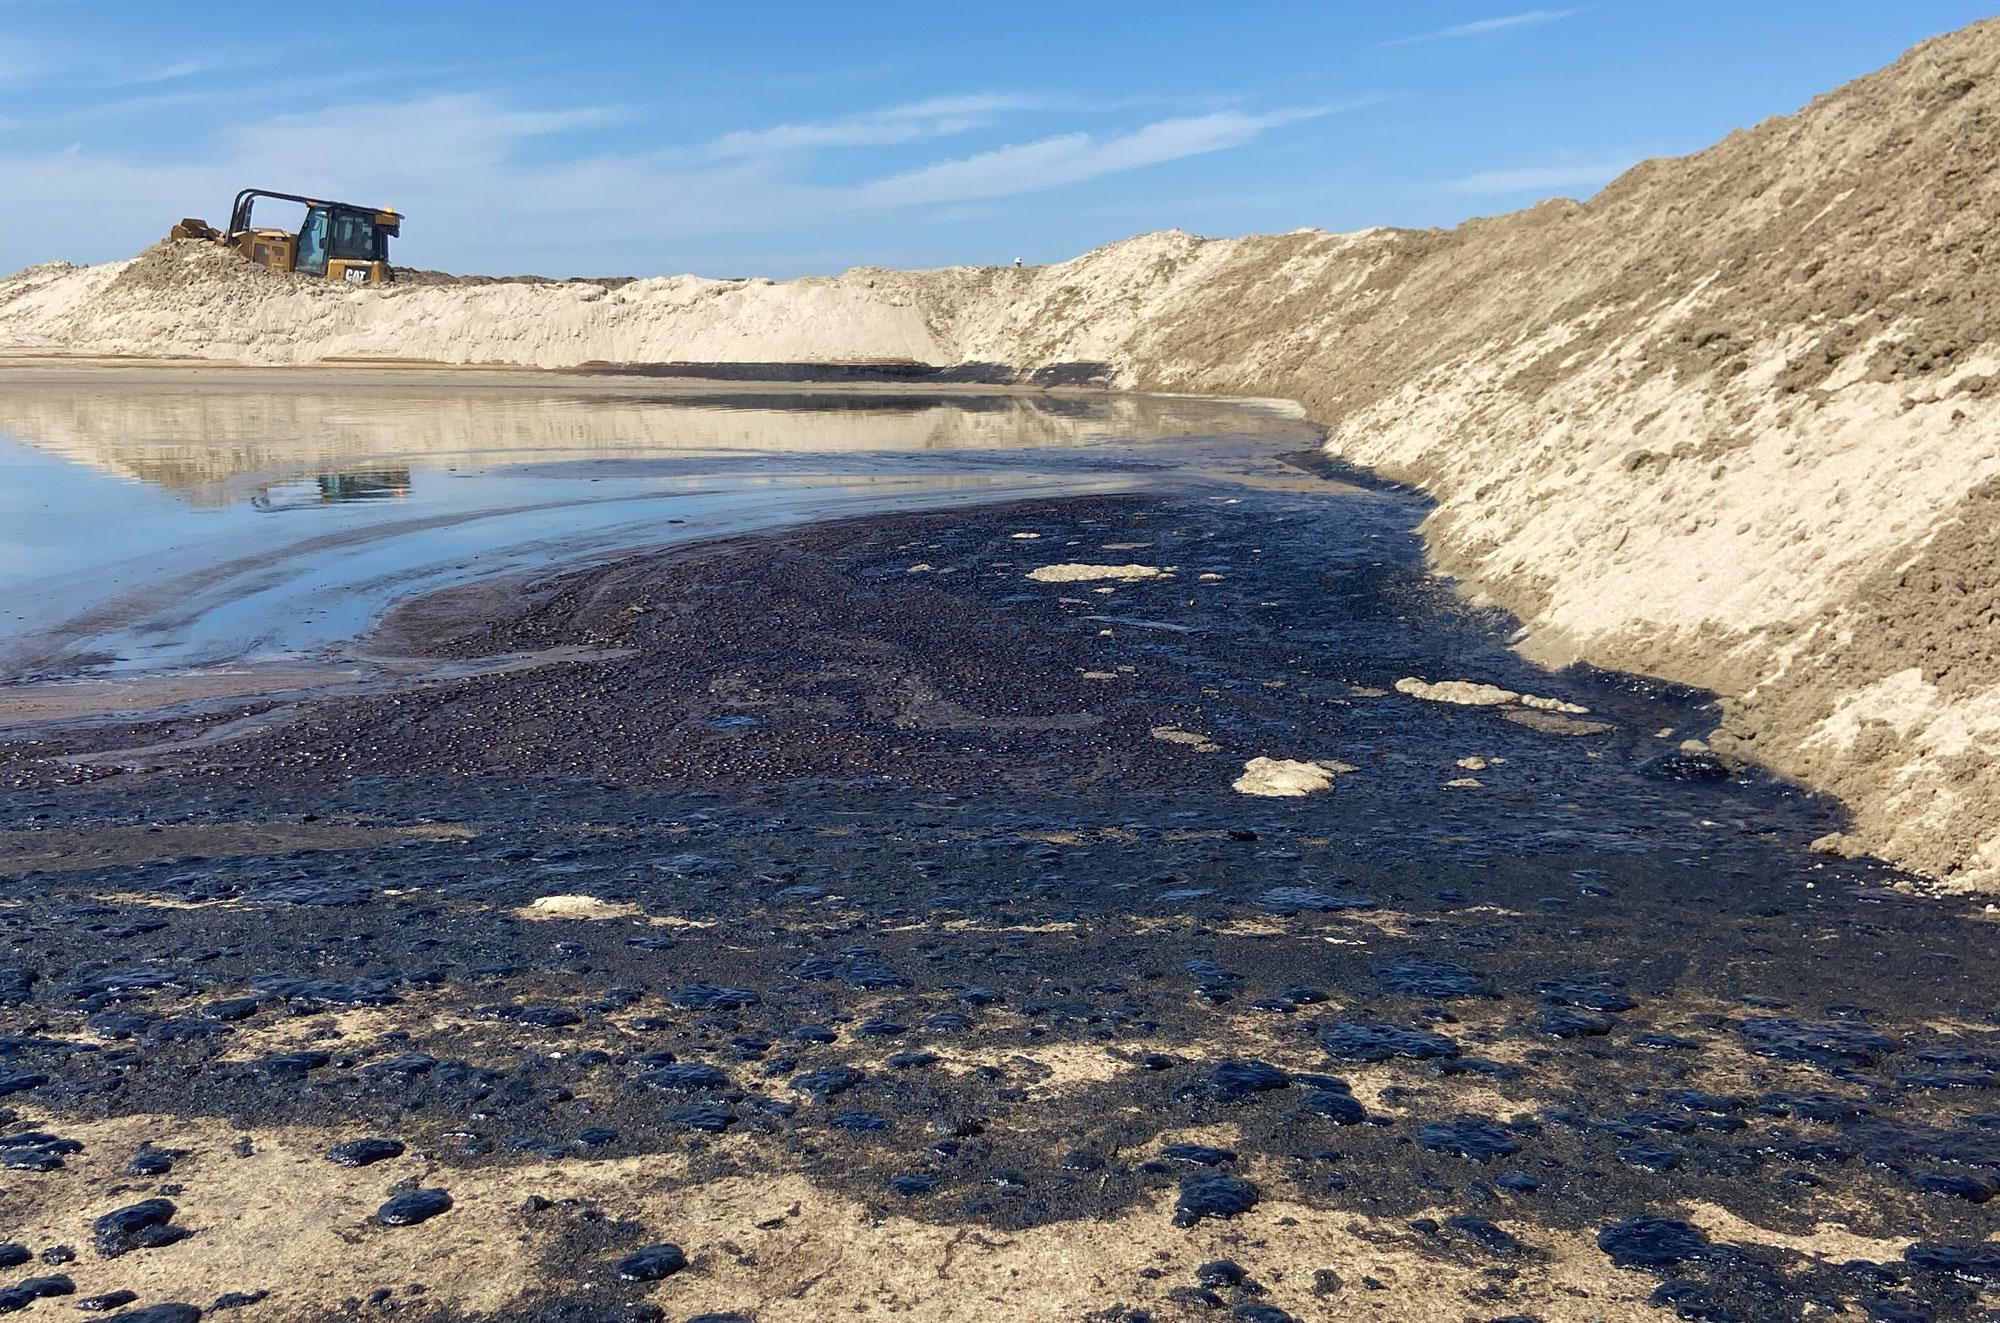 OC Oil Spill credit Jax Richards @jax6street